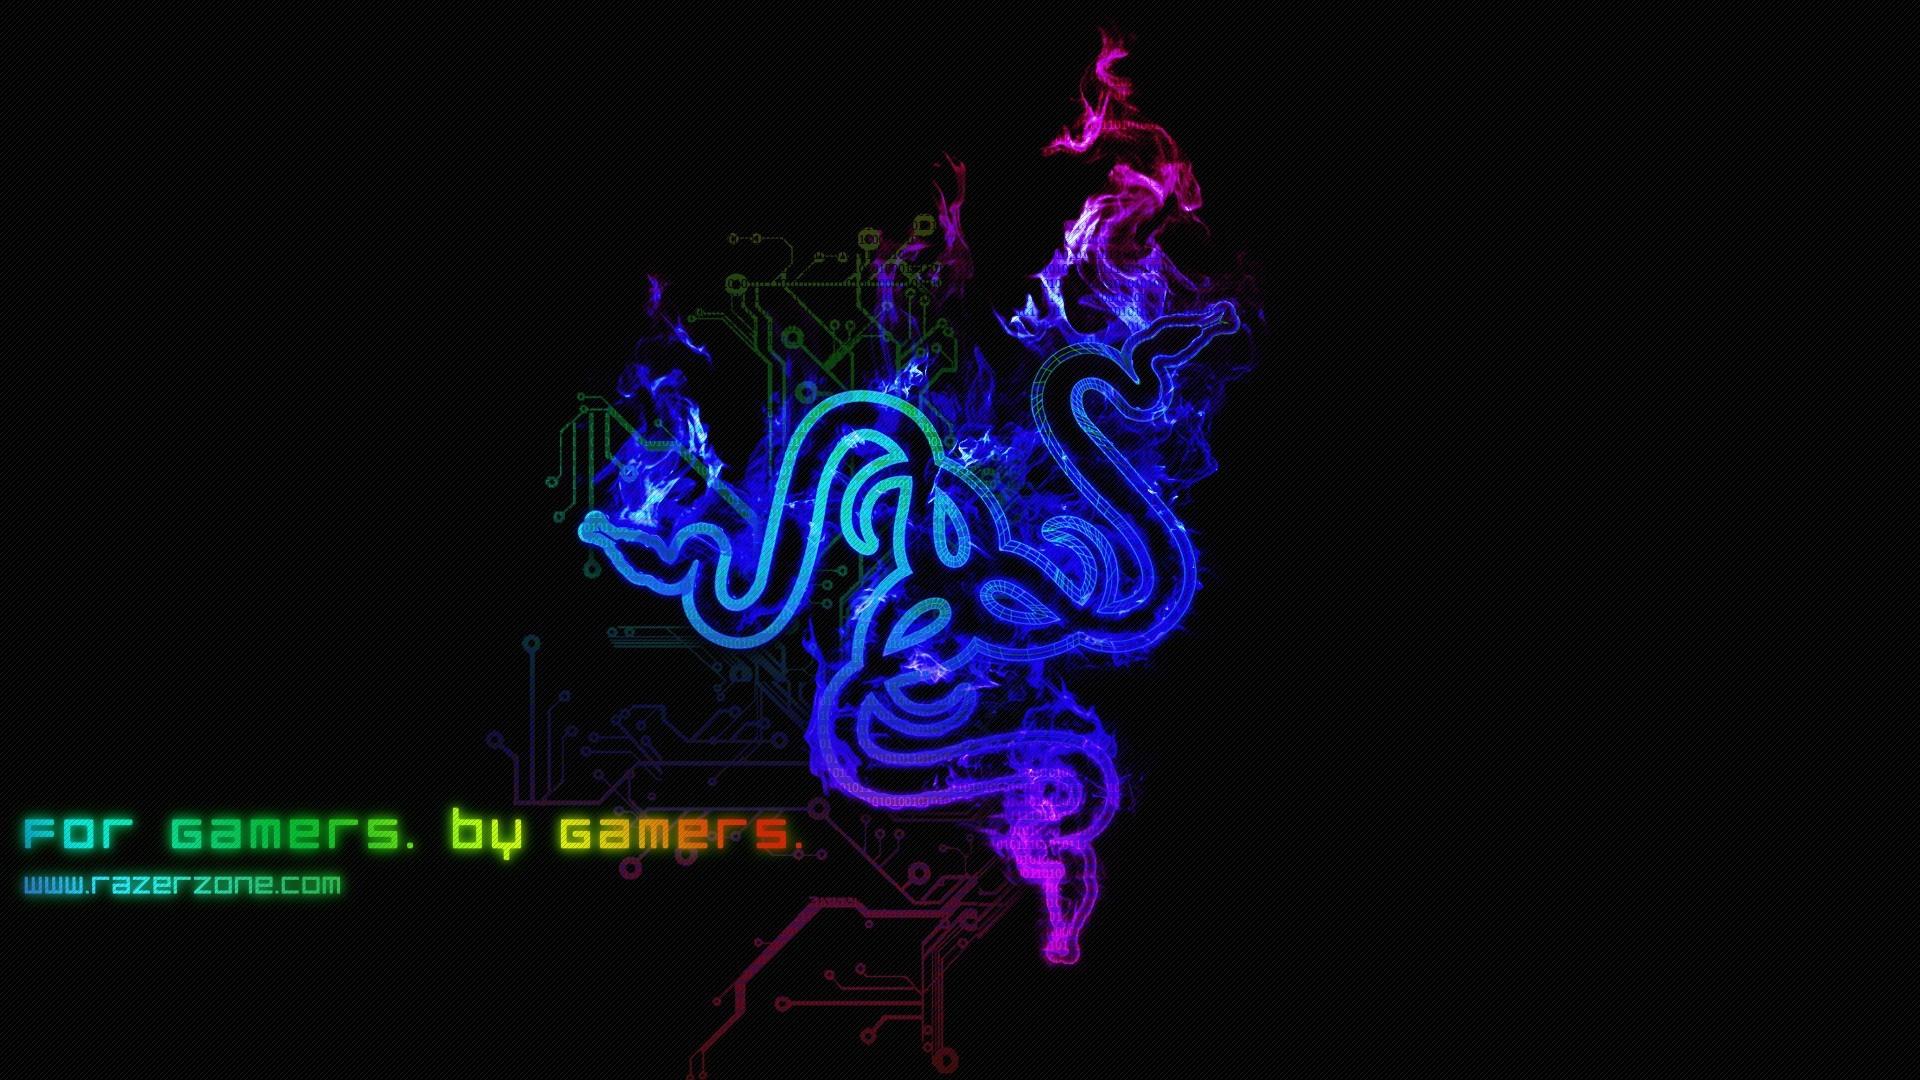 Sfondi Colorato Videogiochi Sfondo Semplice Notte Neon Giochi